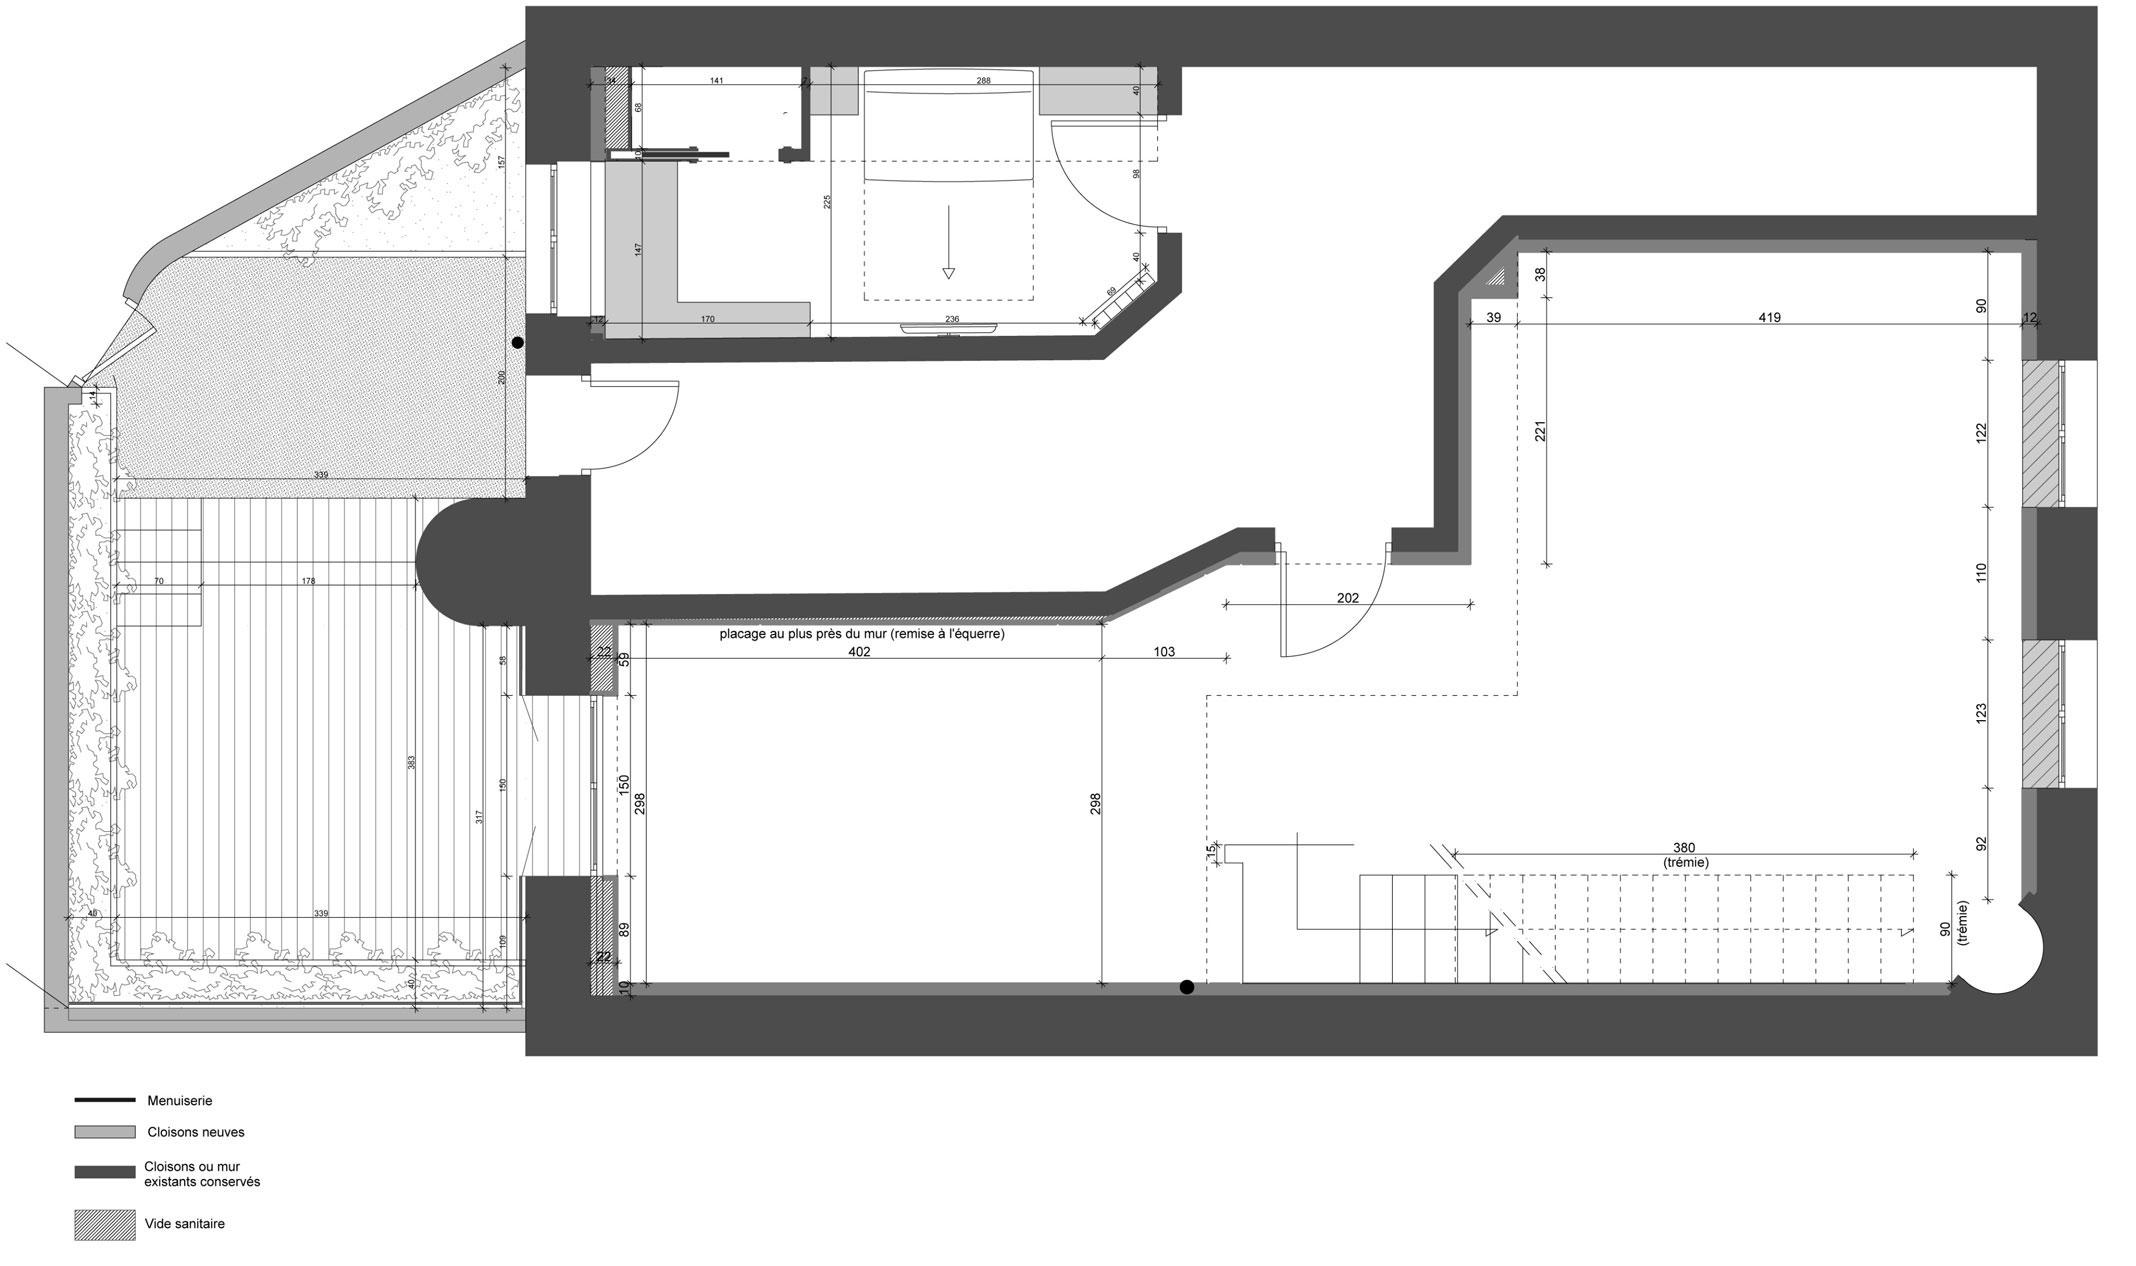 ... Luxury 150M2 Duplex Apartment Near Parc Sainte Marie In Nancy By  MYSPACEPLANNER 23 ...